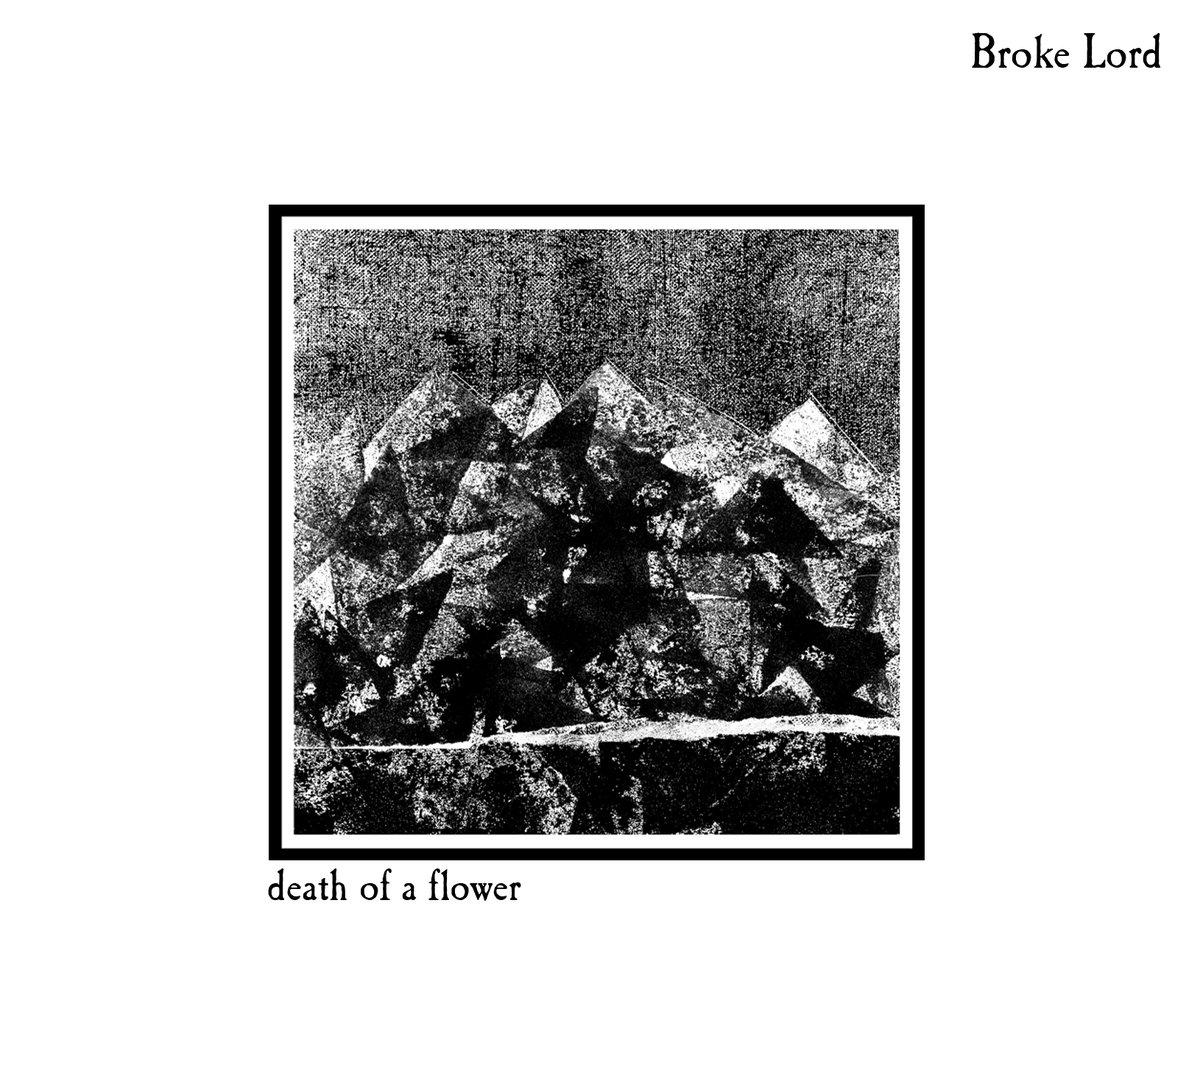 portada del album Death of a Flower